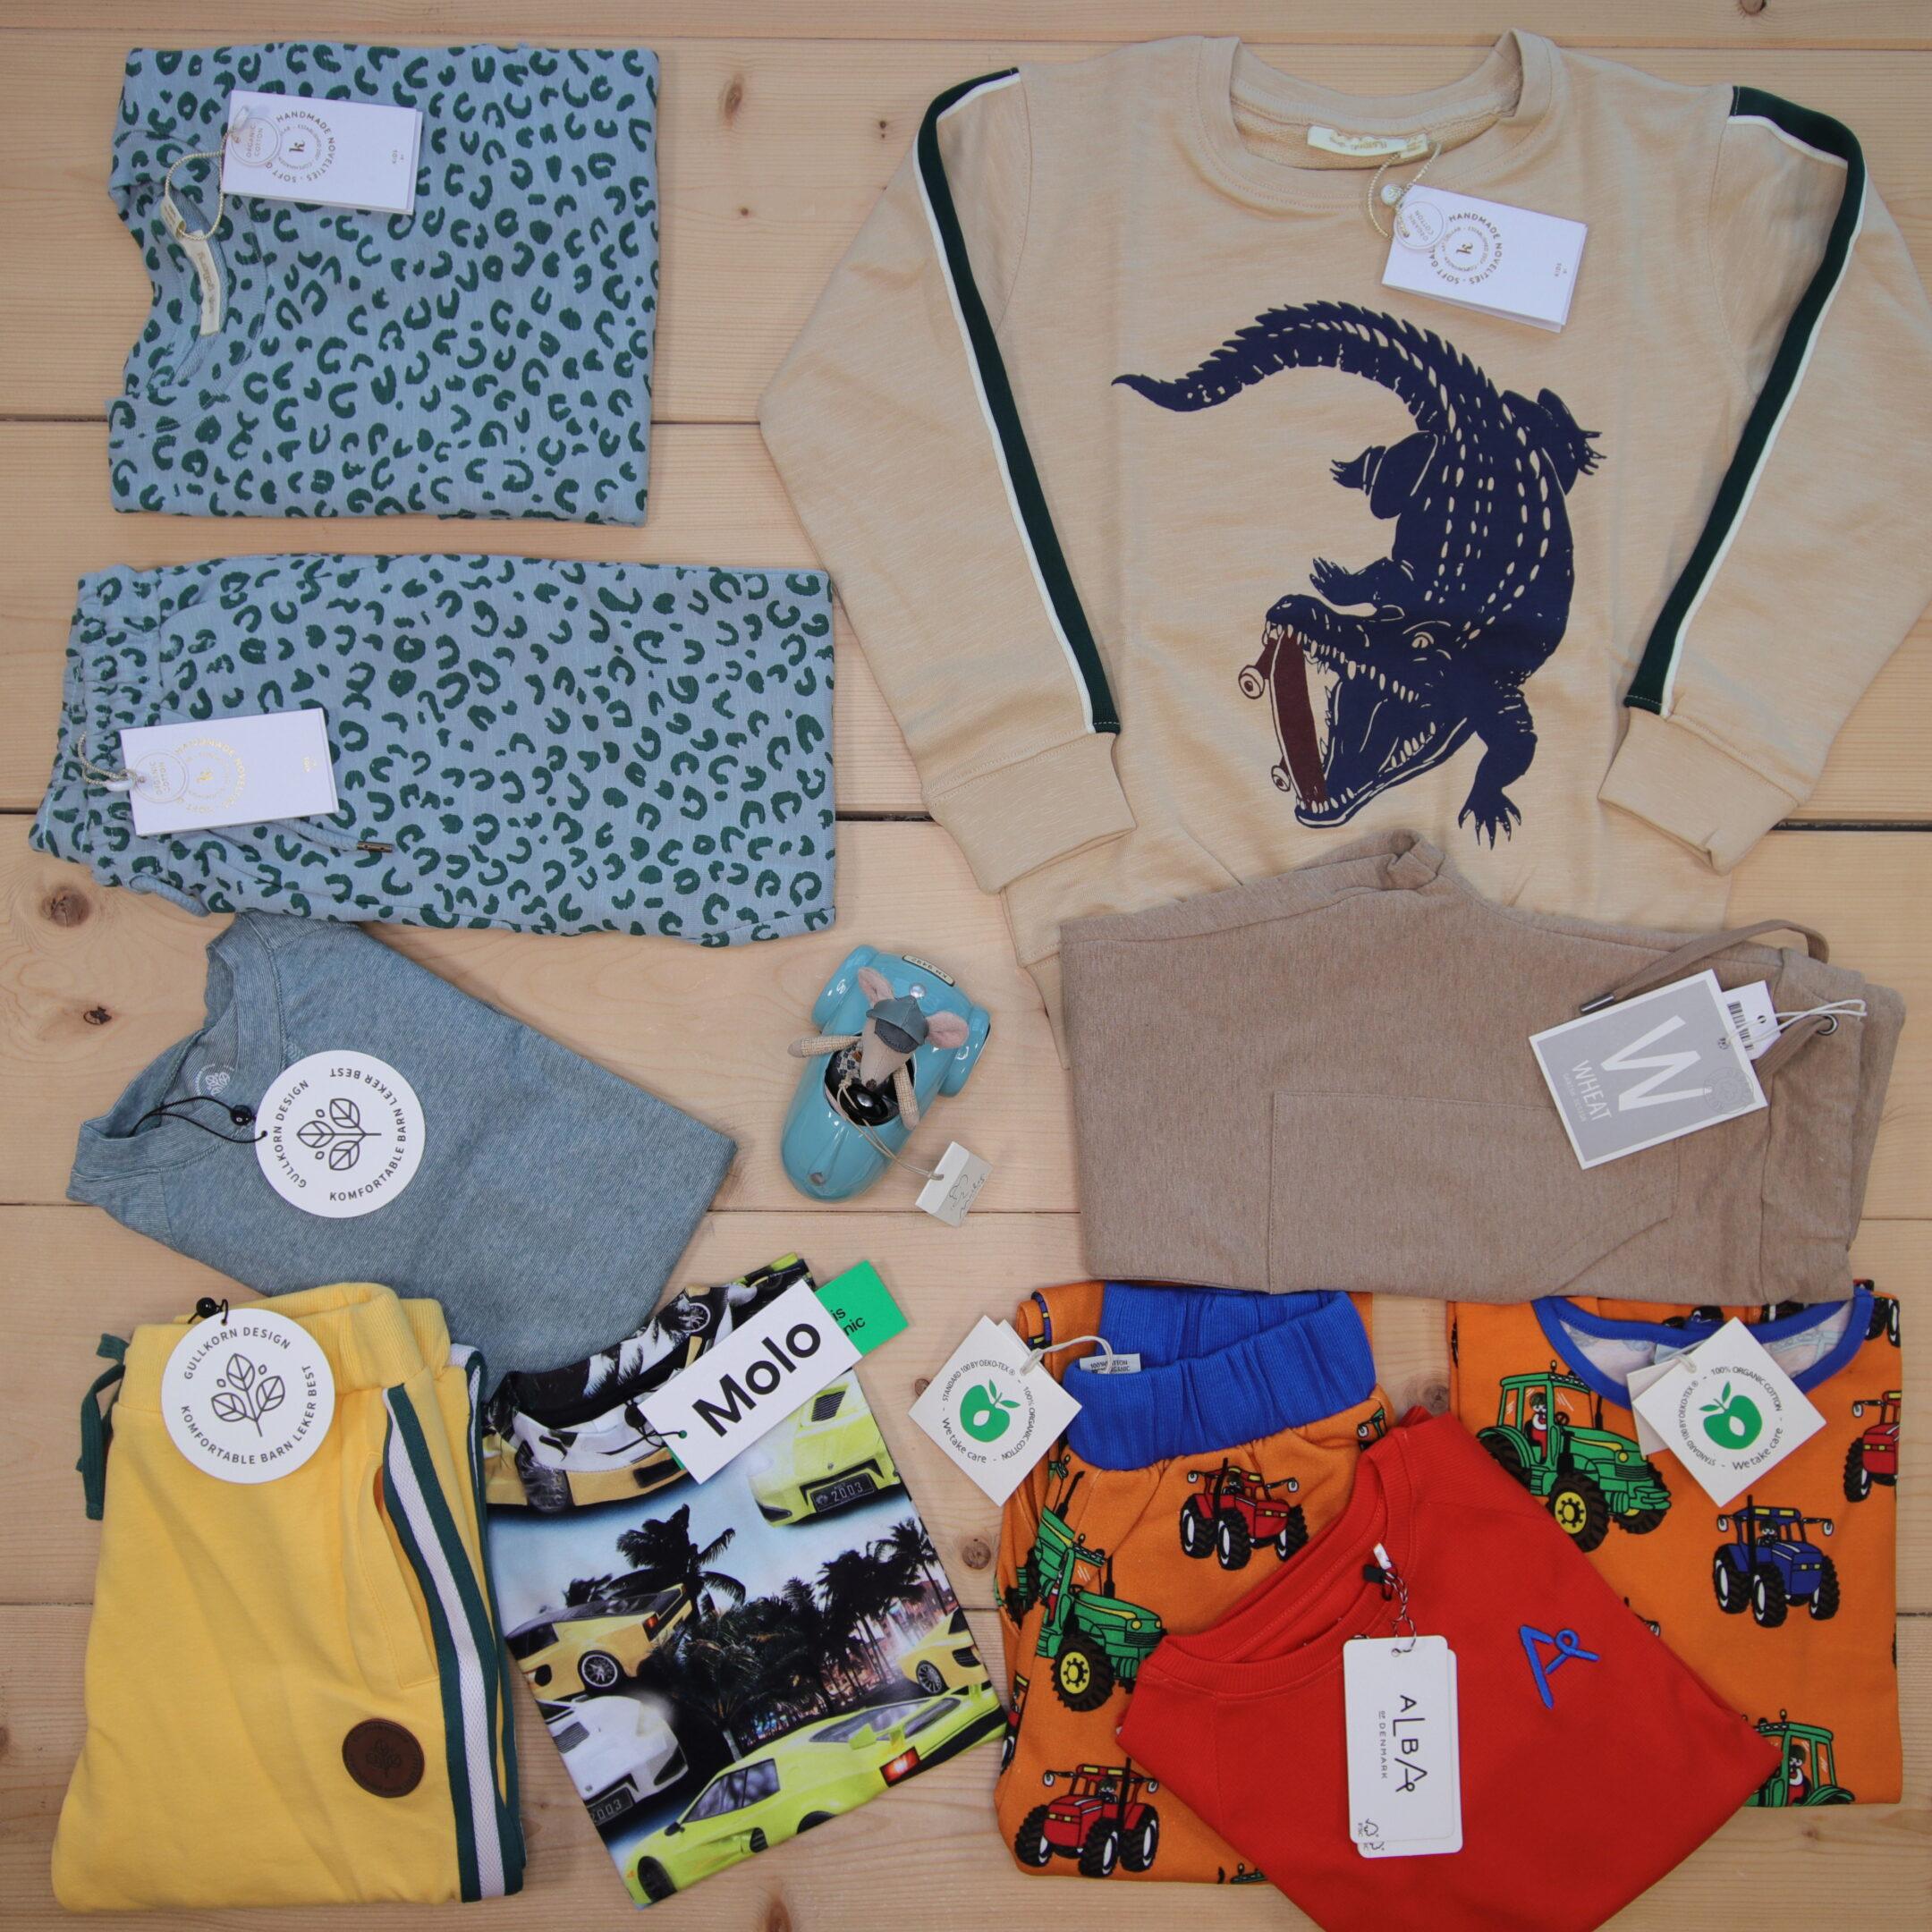 Dette er Småpakke som vi forberedte for en gutt i stilene colorful og cool